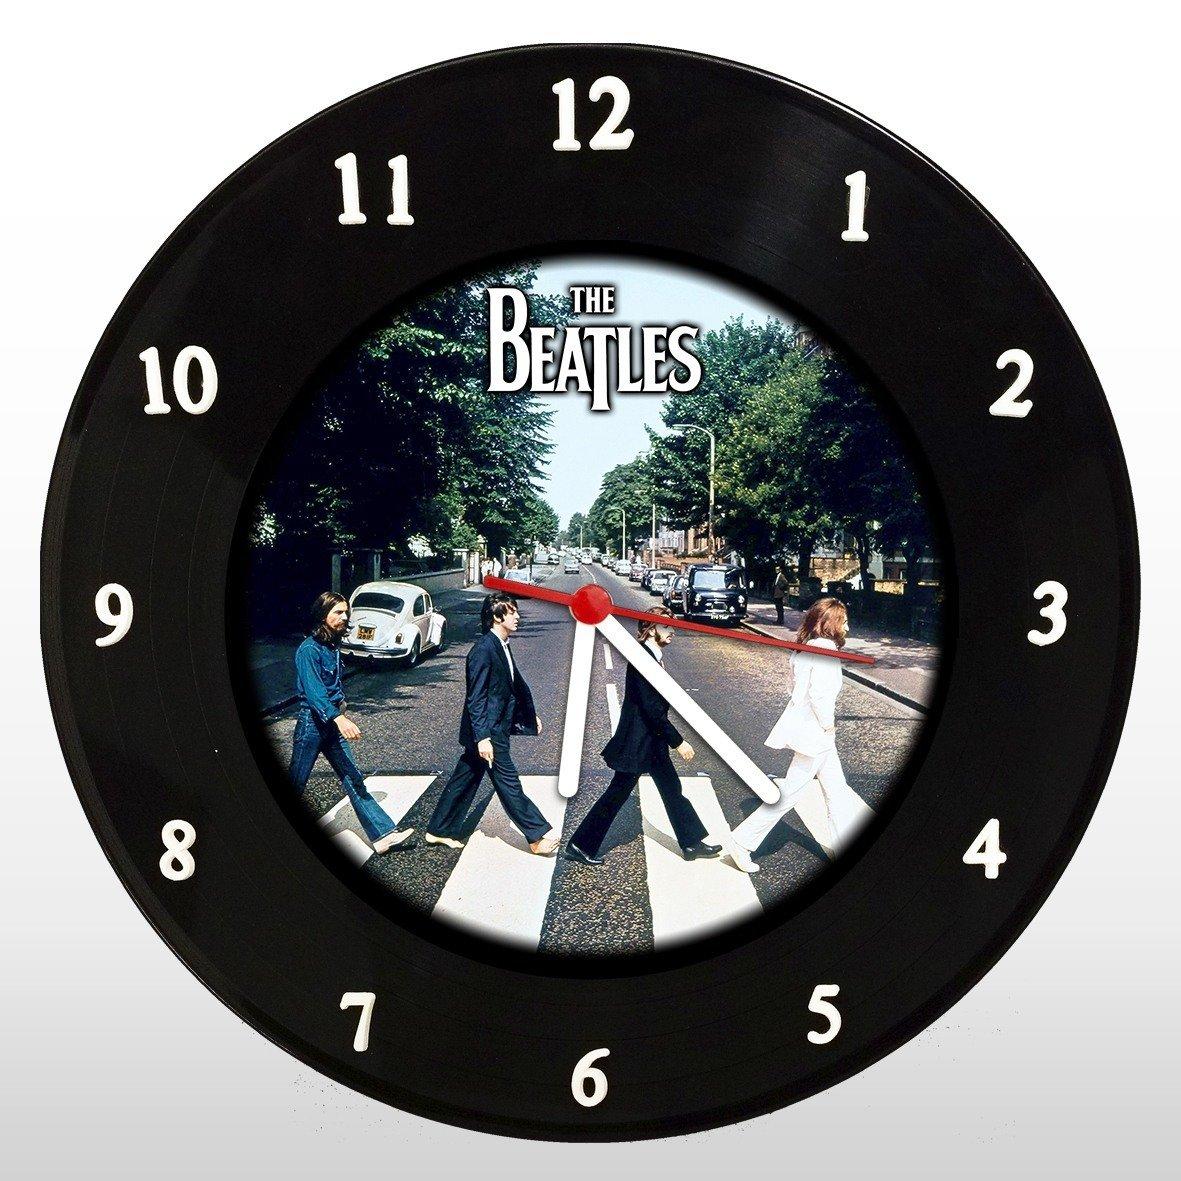 The Beatles - Abbey Road - Relógio de Parede em Disco de Vinil - Mr. Rock